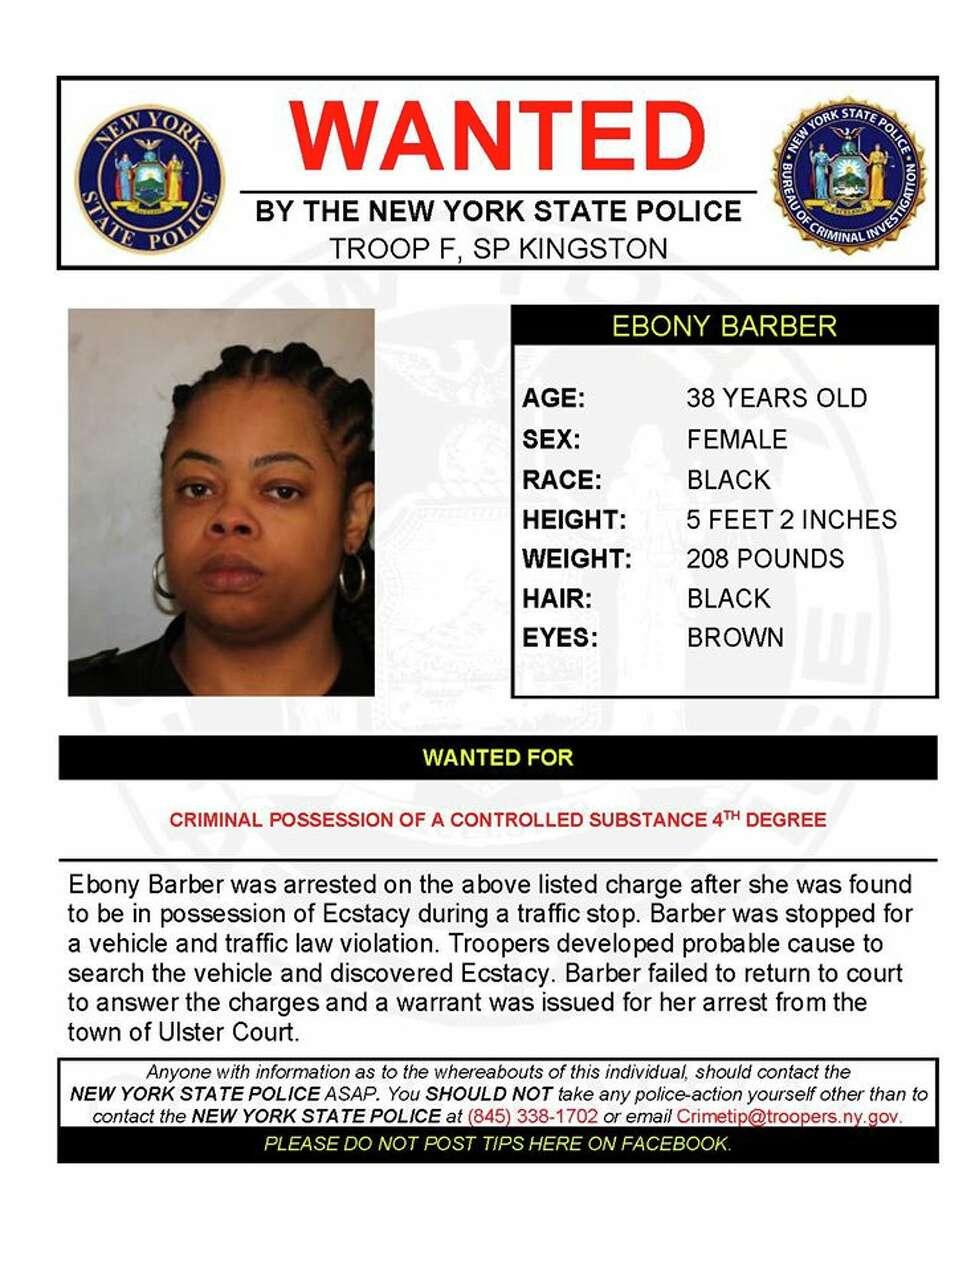 Ebony Barber